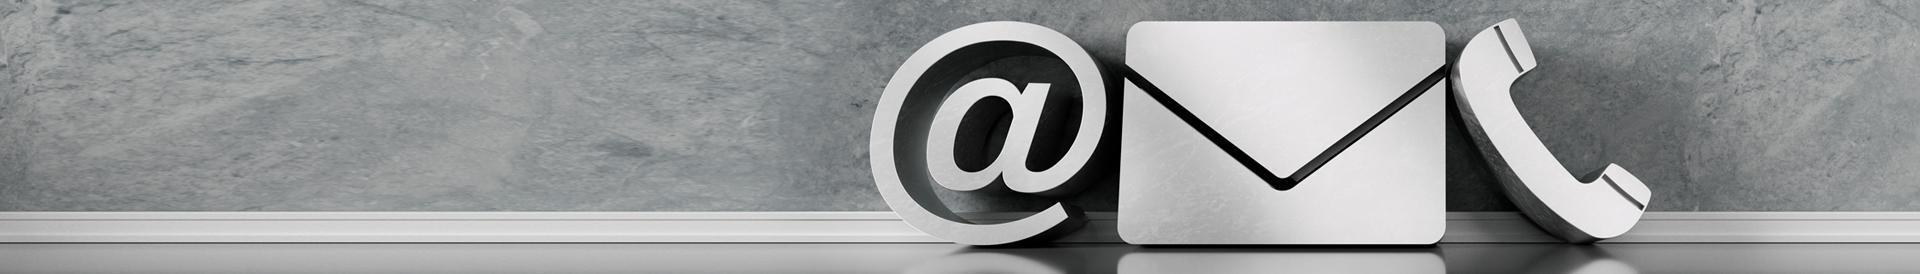 Duże ikony maila, poczty i telefonu